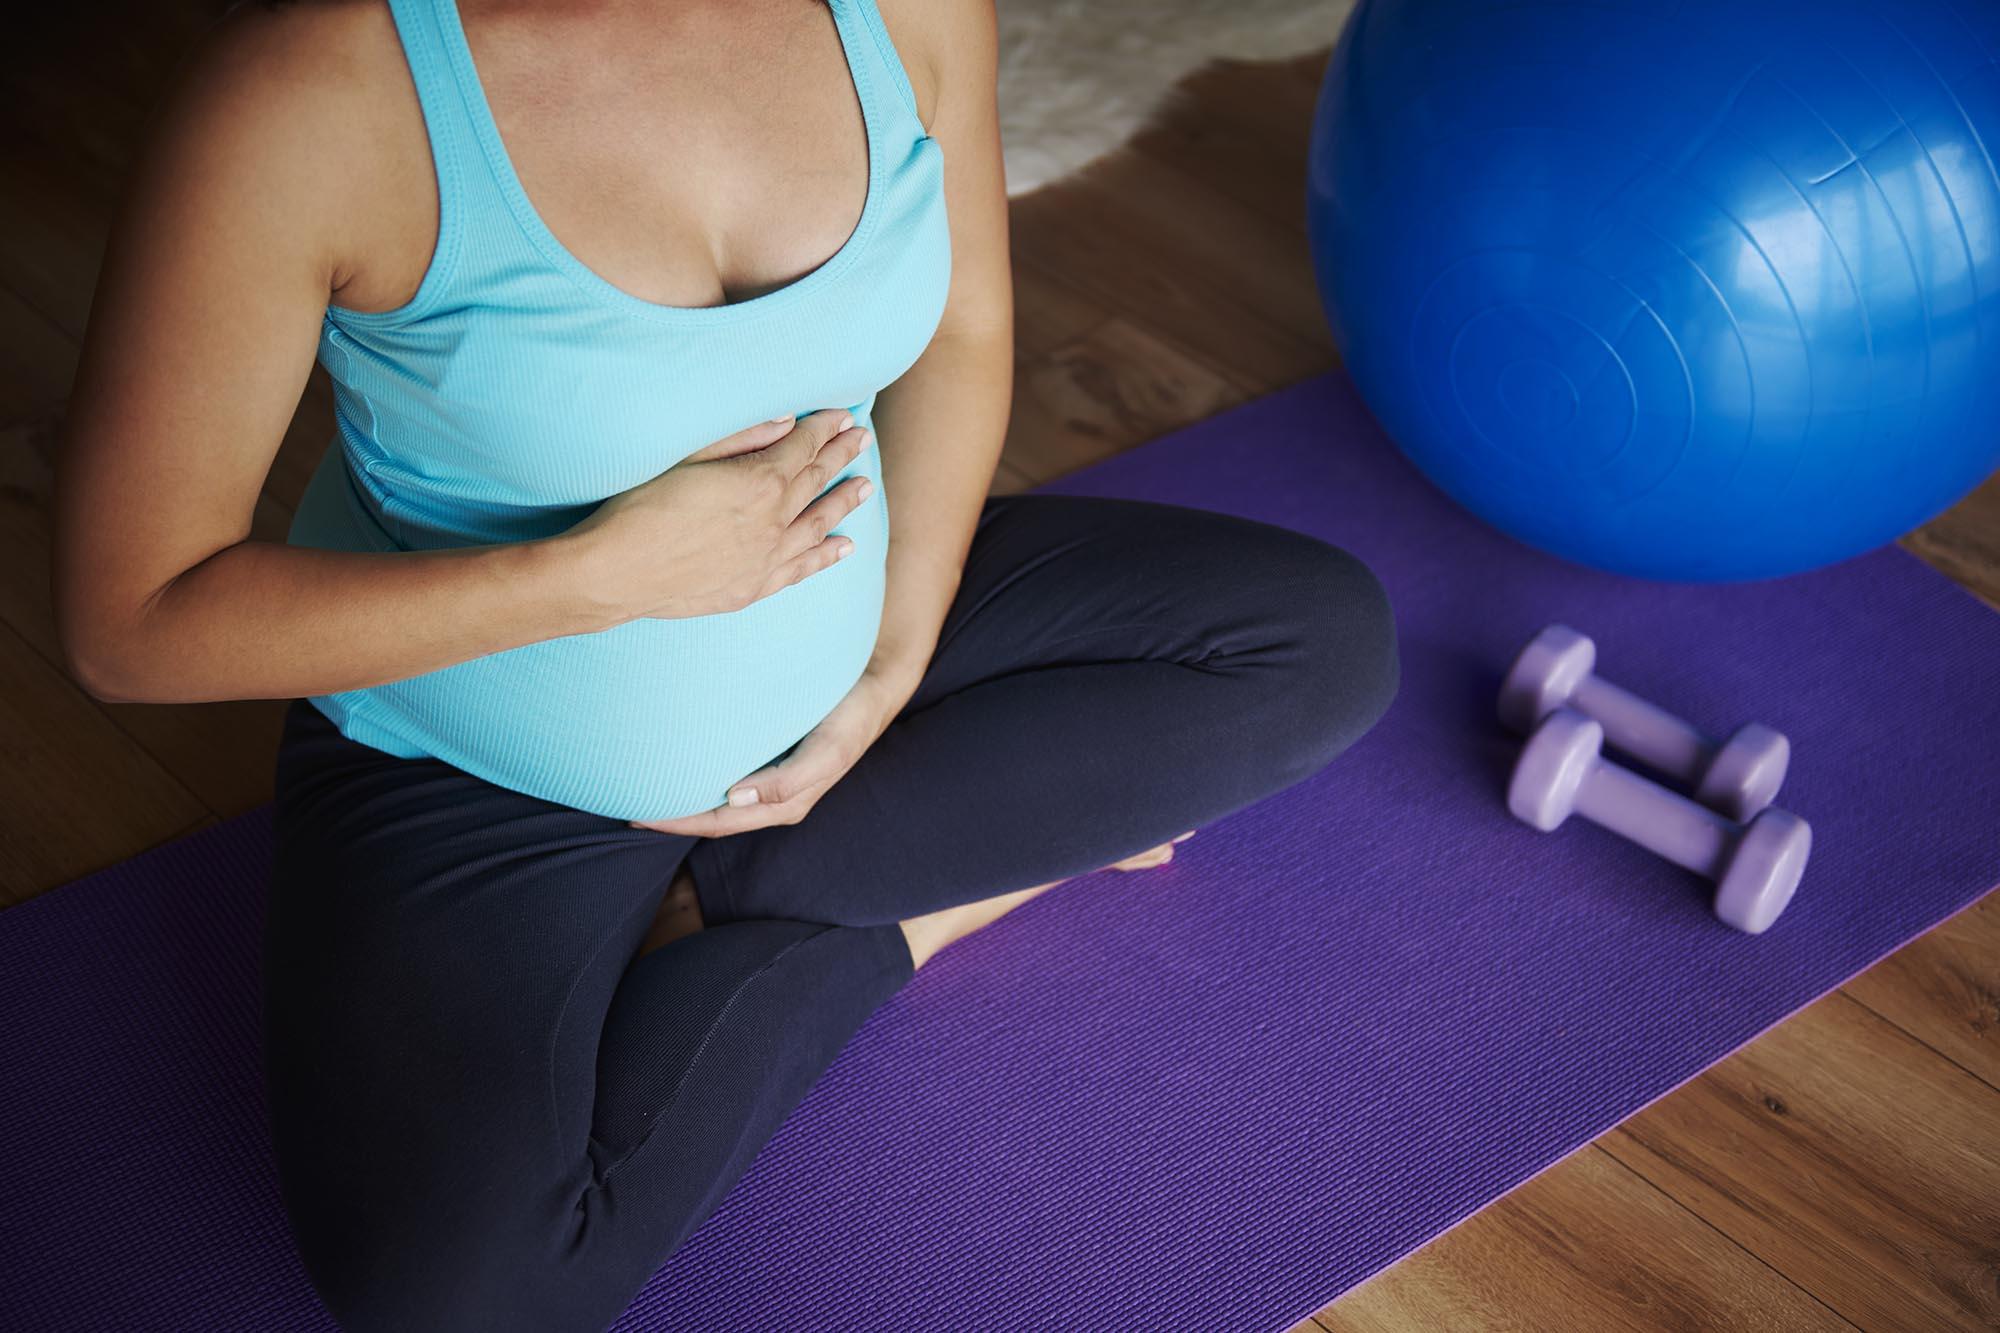 6 Λόγοι η άσκηση να γίνει η αγαπημένη σας συνήθεια στην εγκυμοσύνη!